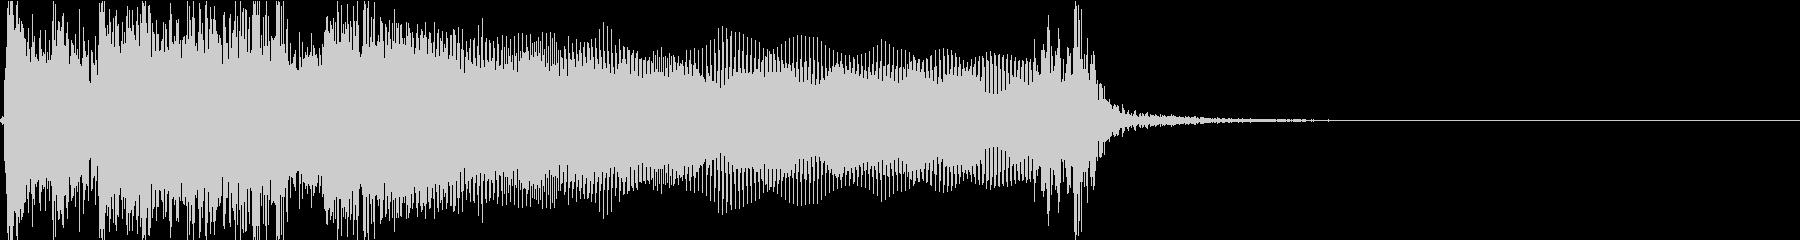 生演奏でのハードなロックジングルS2の未再生の波形